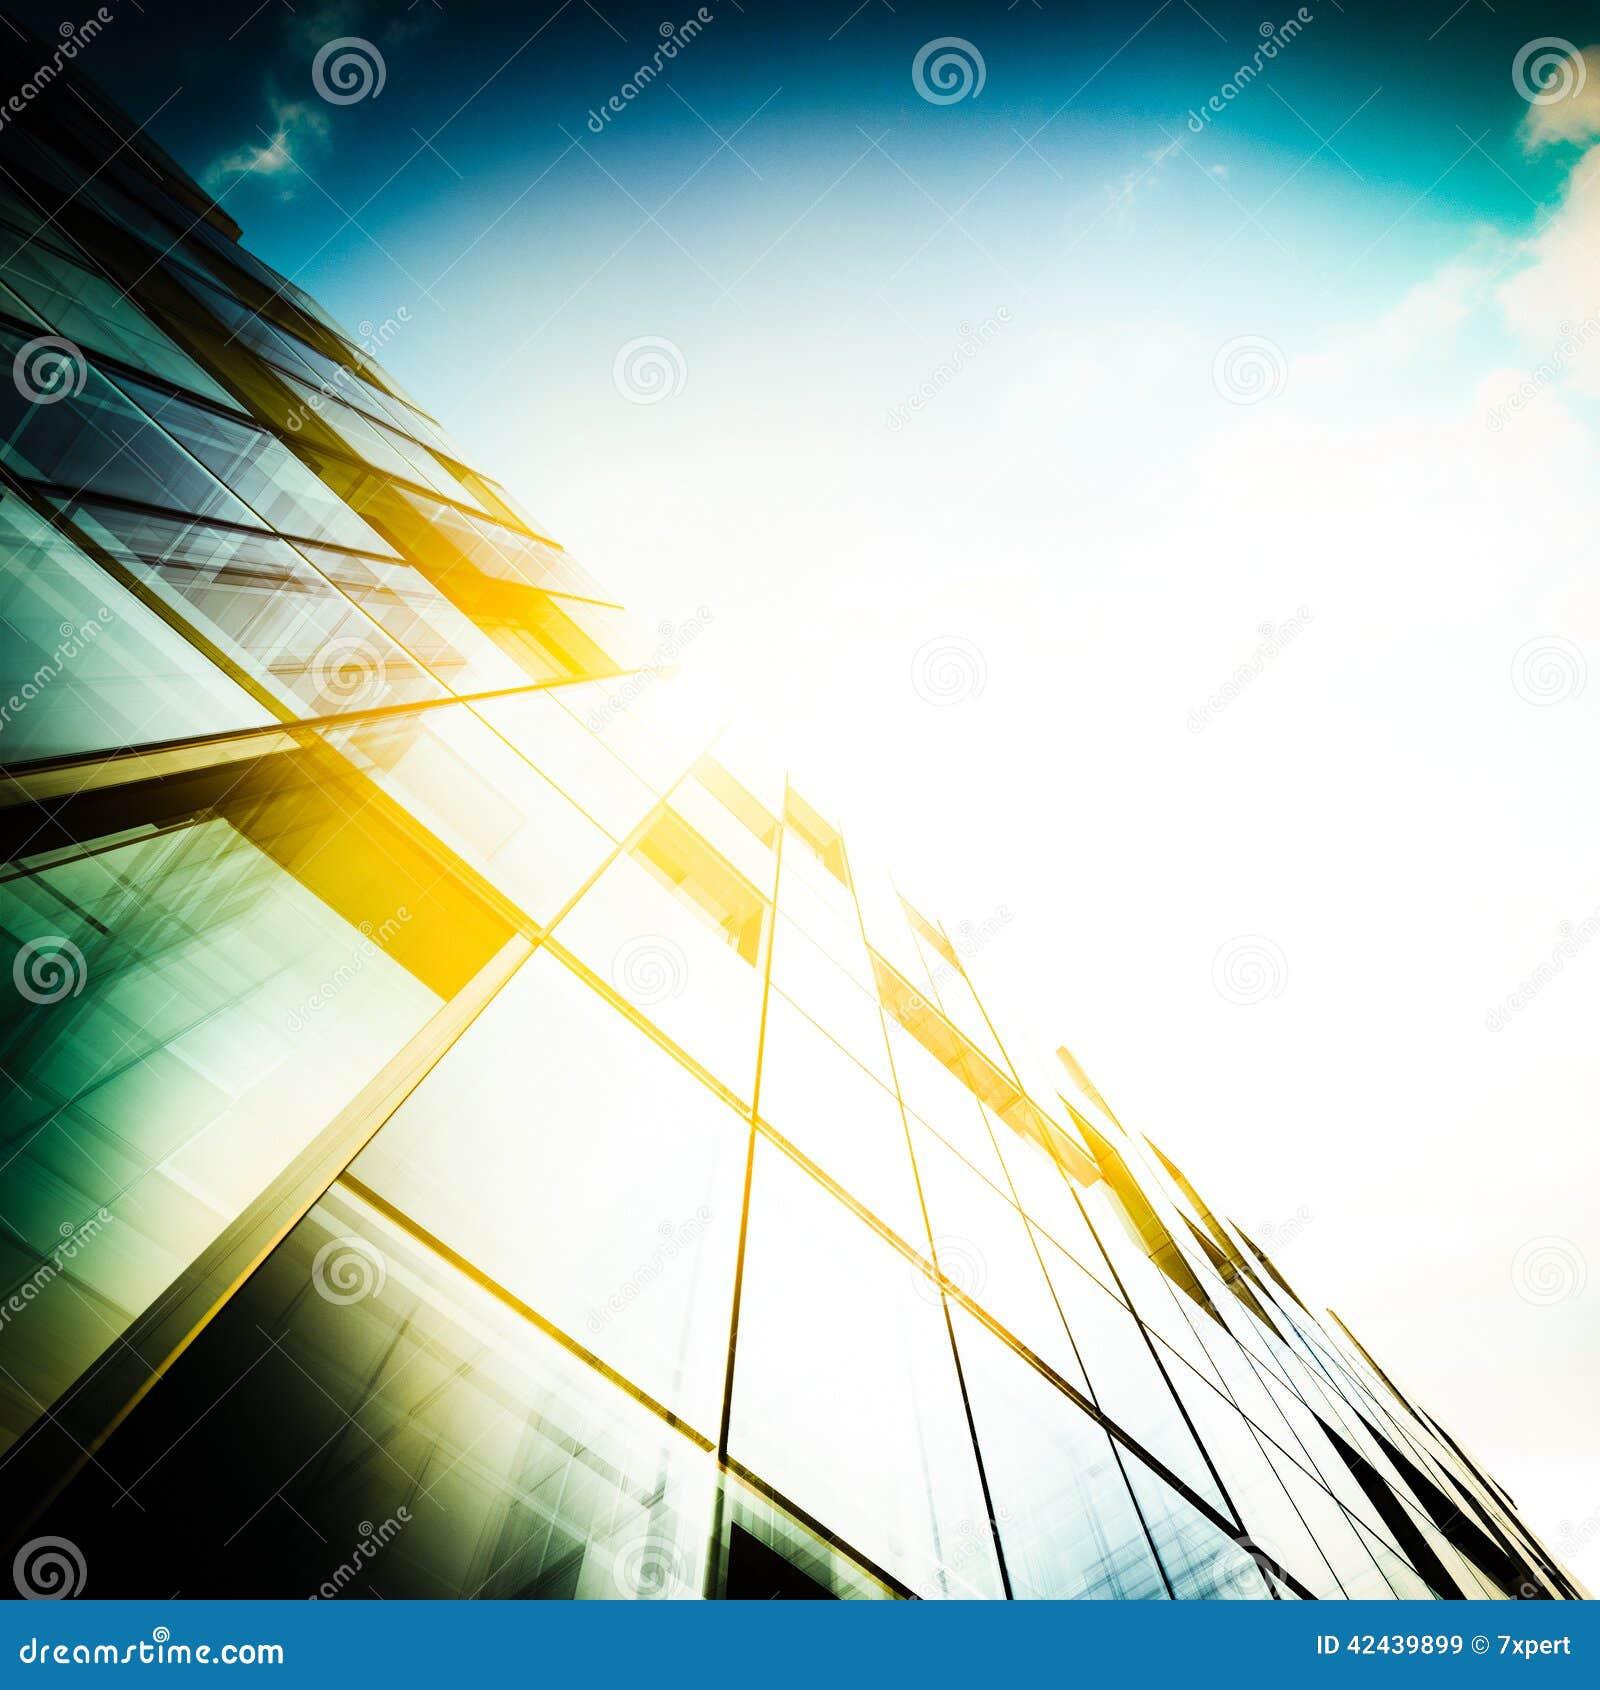 Concepto abstracto del rascacielos